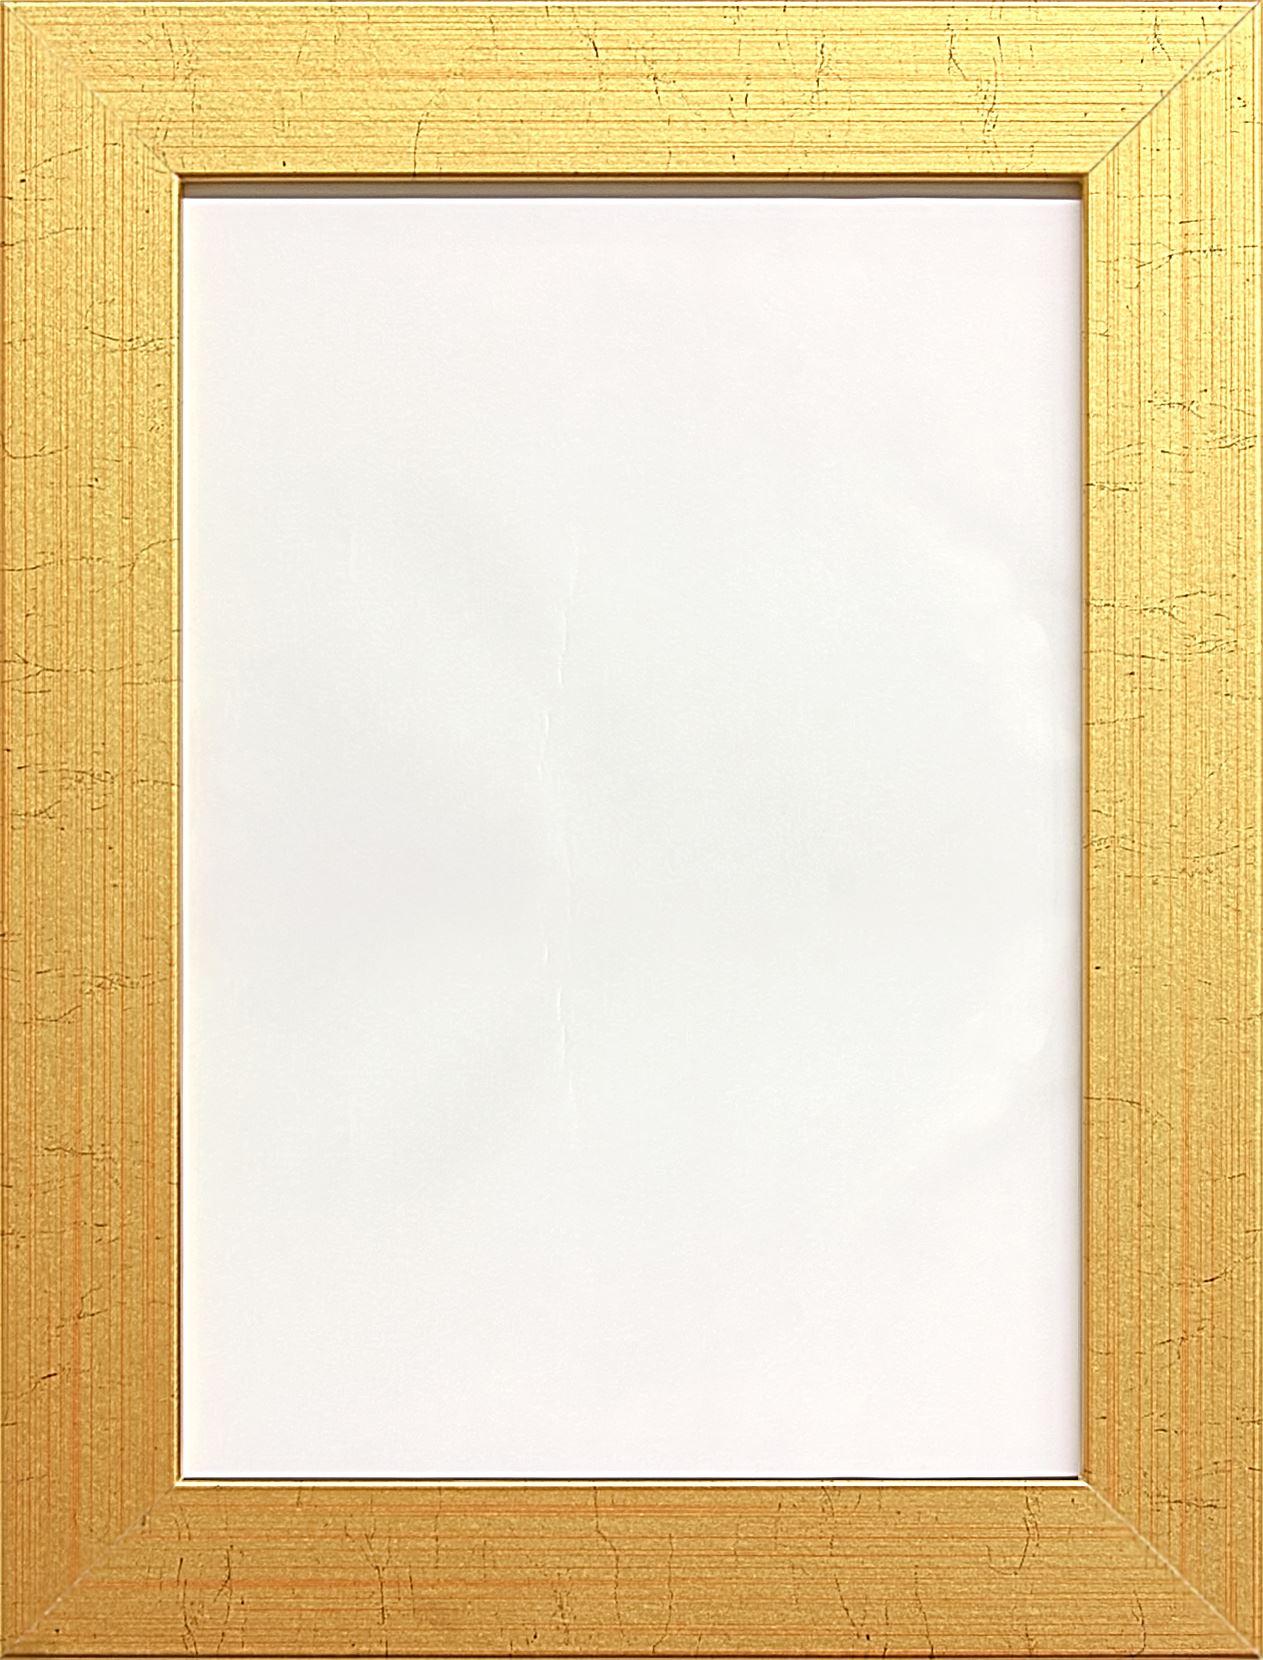 Frame Clipart Transparent - 23176 - TransparentPNG